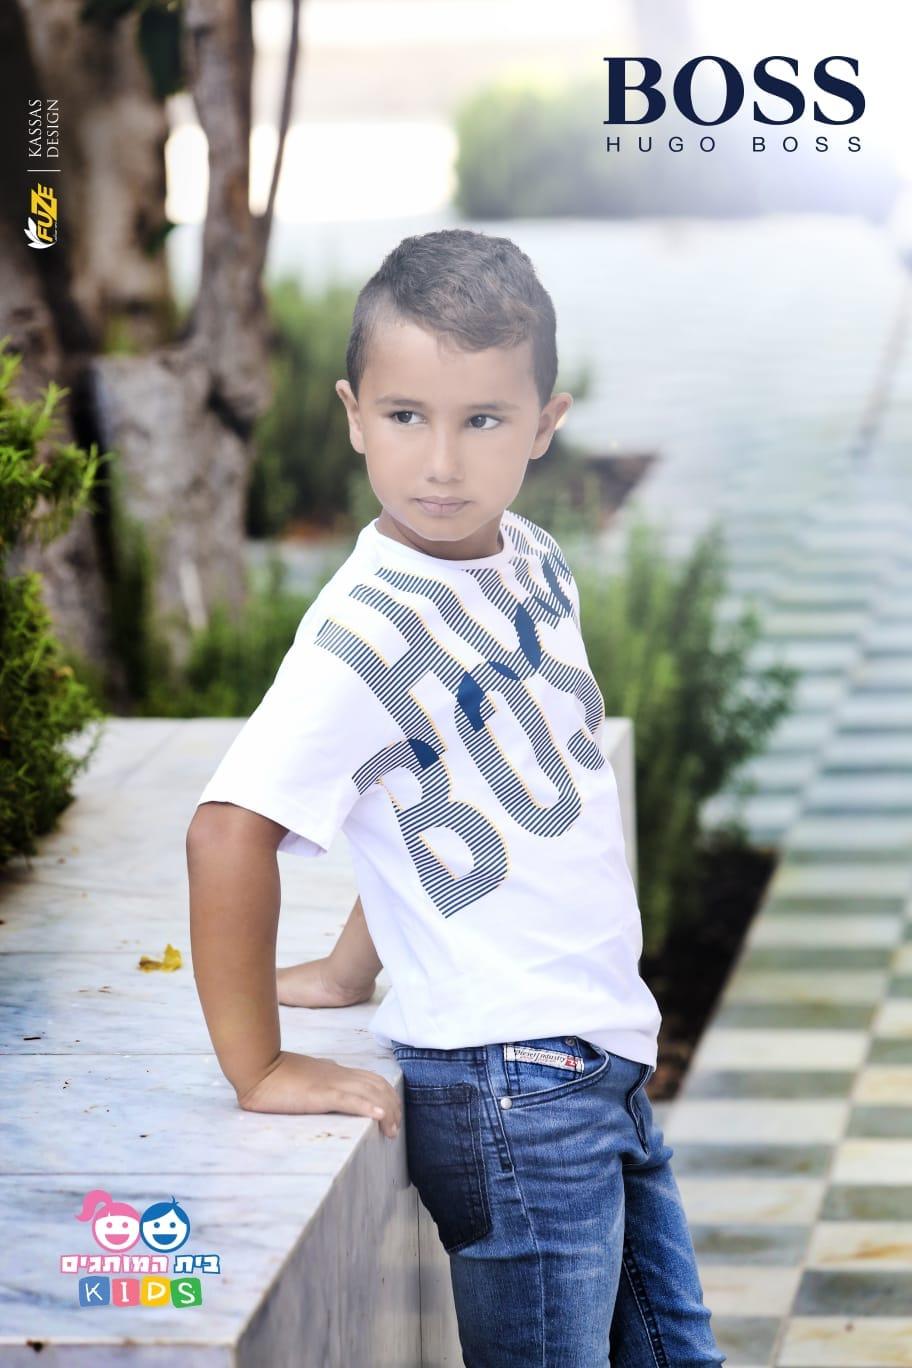 يافا: أرقى الماركات العالمية لملابس الأطفال في بيت هموتجيم KIDS